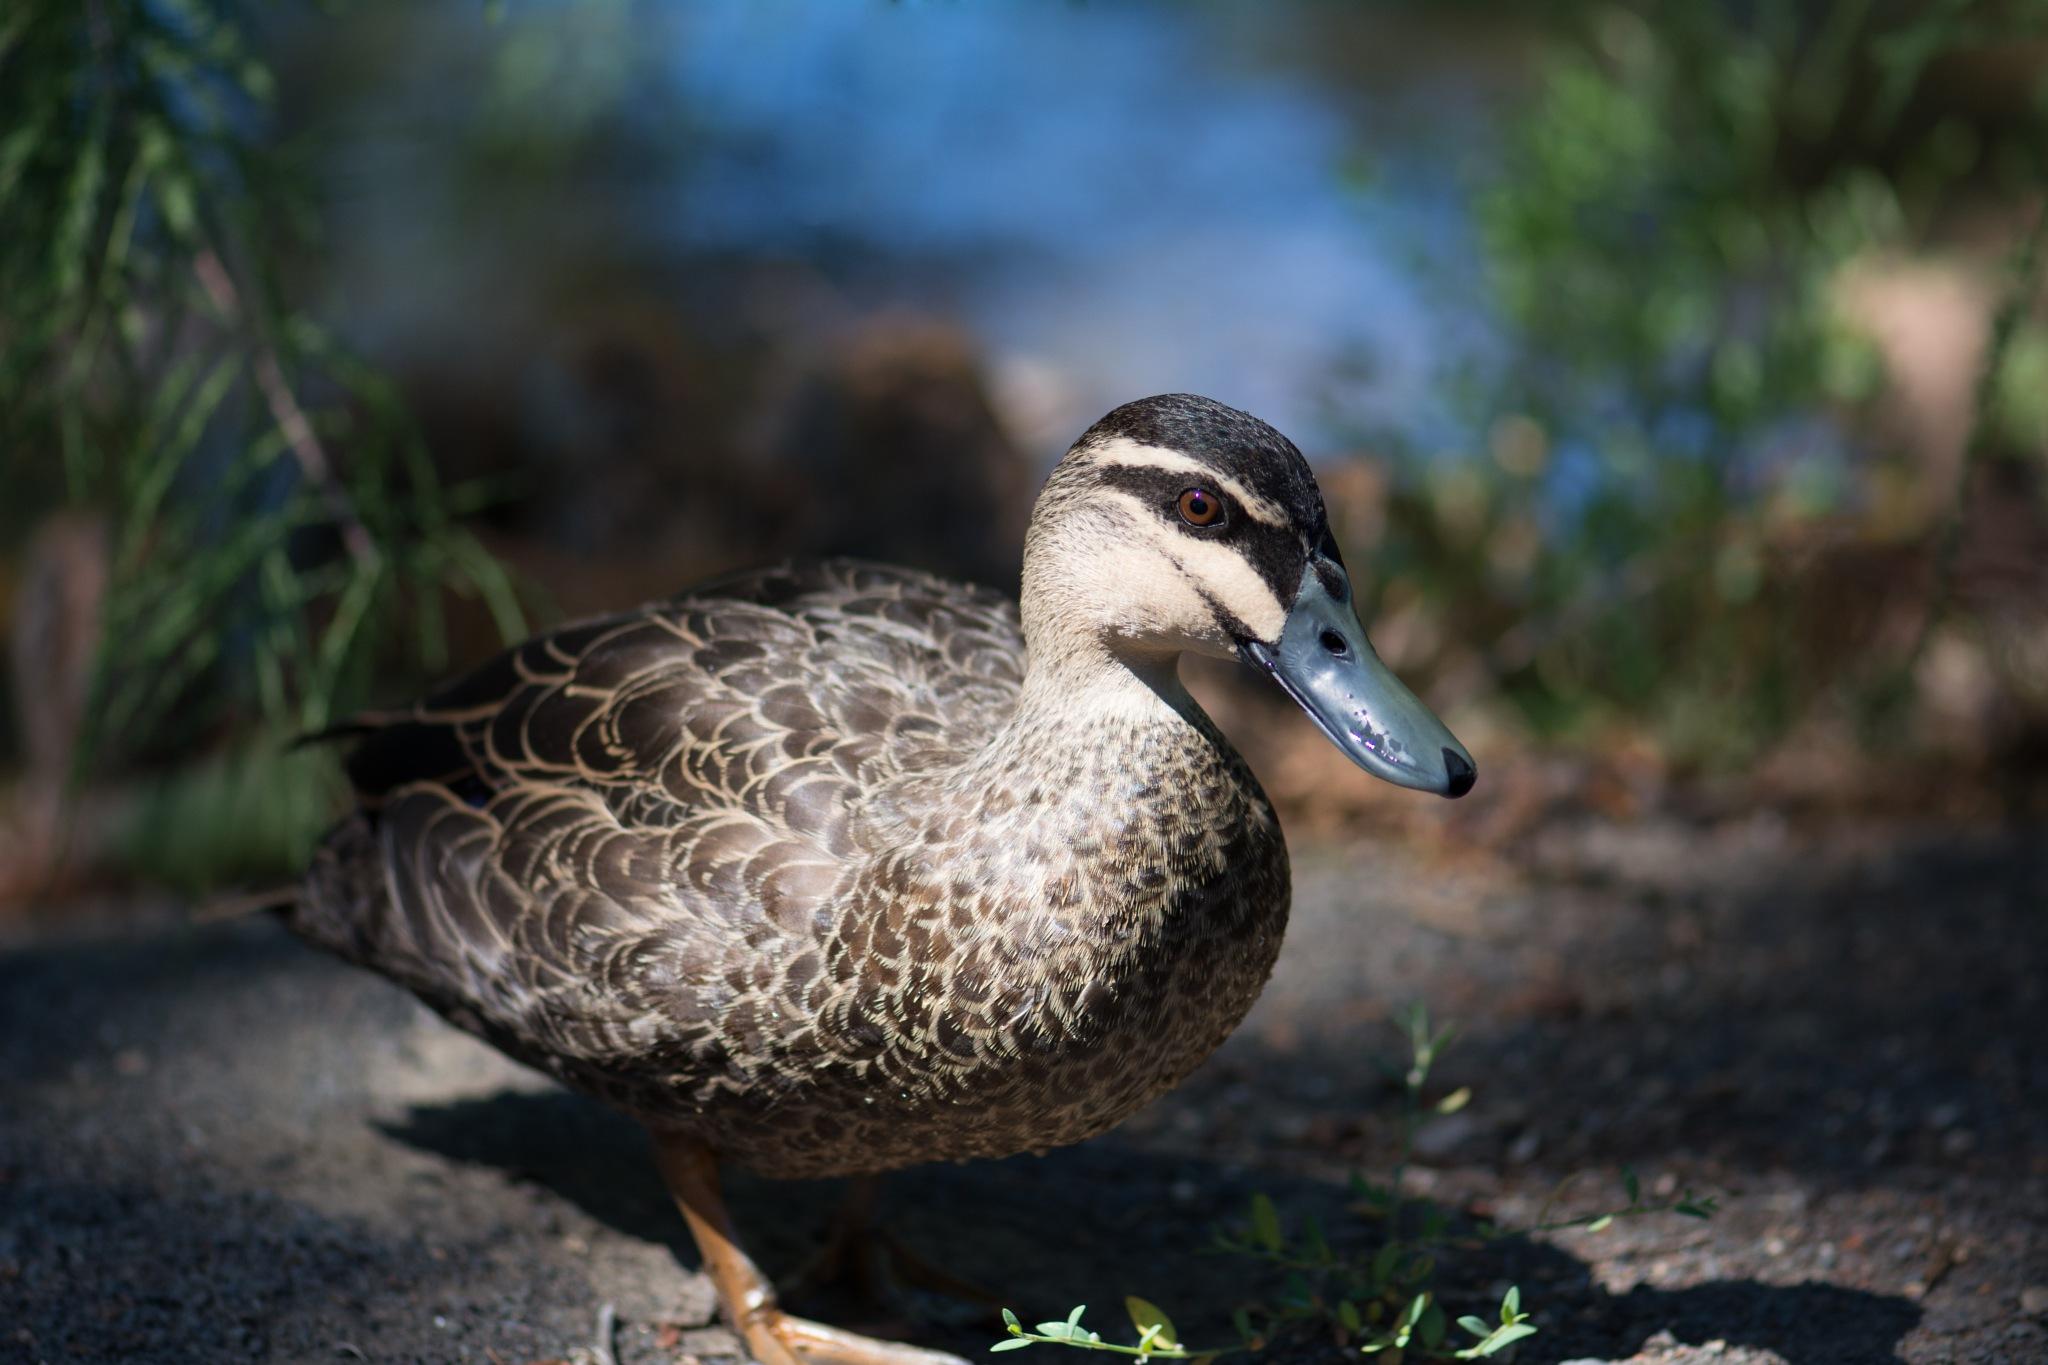 Little Duck by Sissyjoy